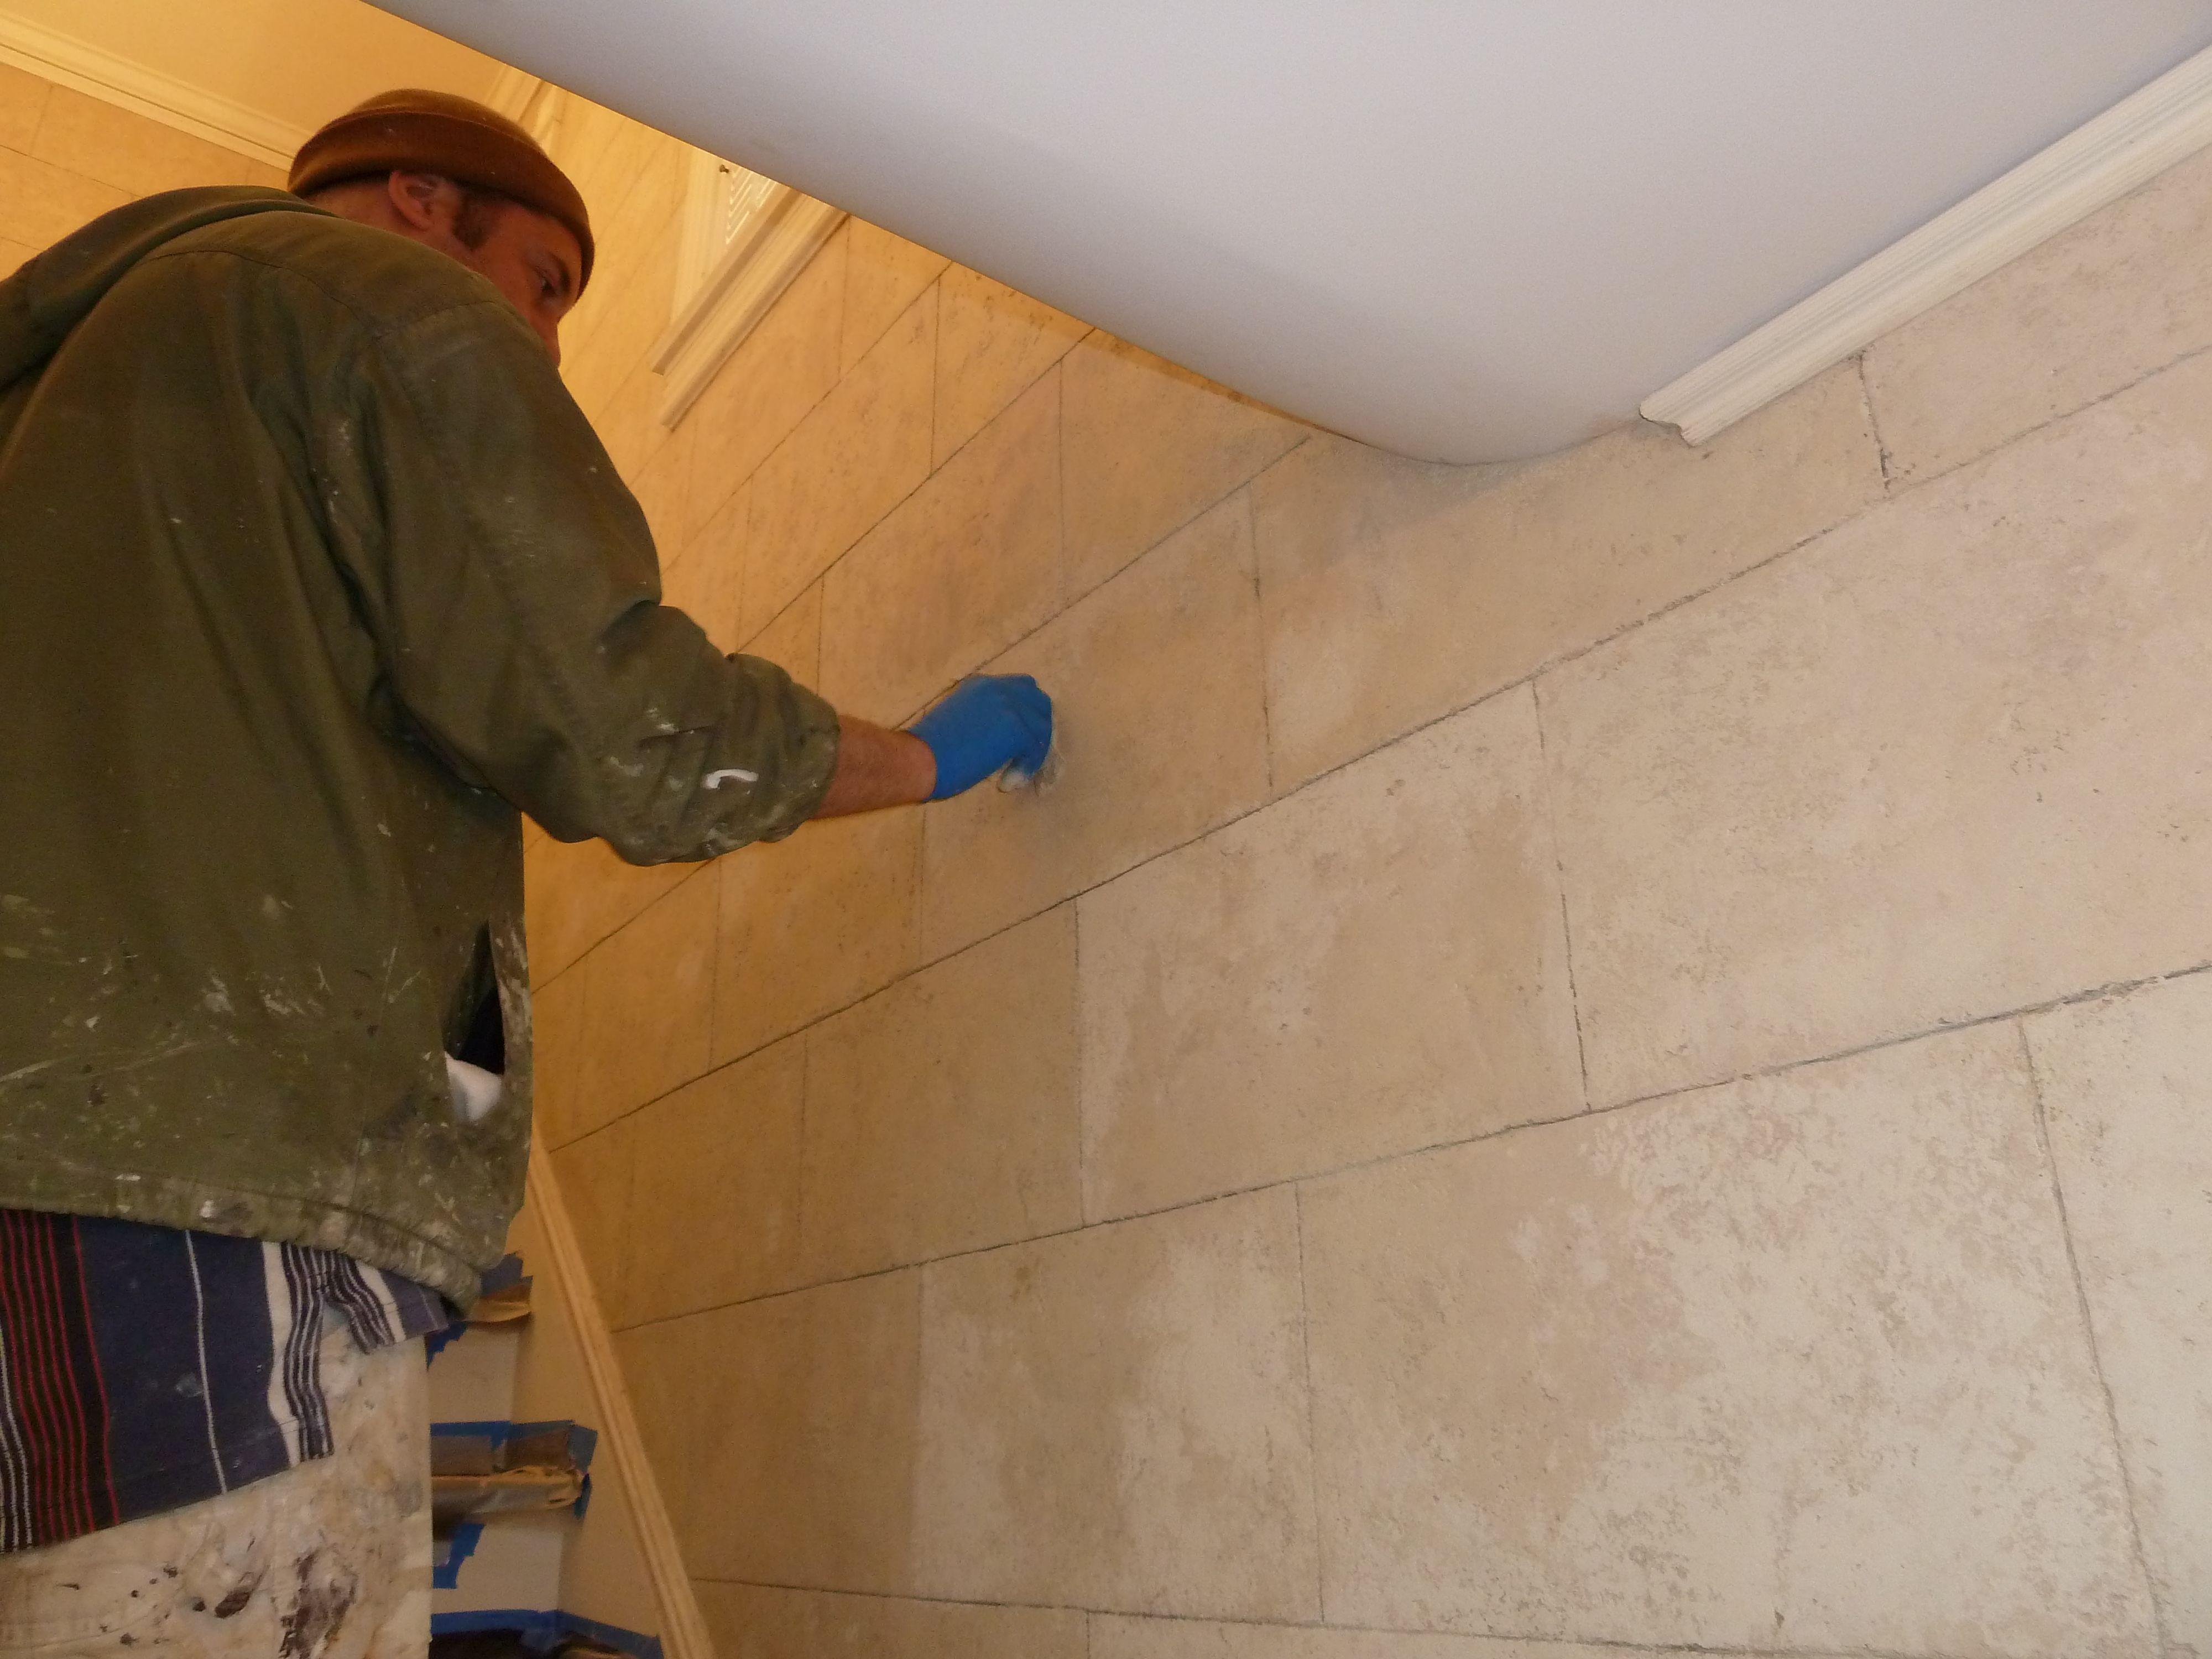 Faux Limestone Wall In Progress Foxy Faux Stone Pinterest Walls - Faux limestone tile